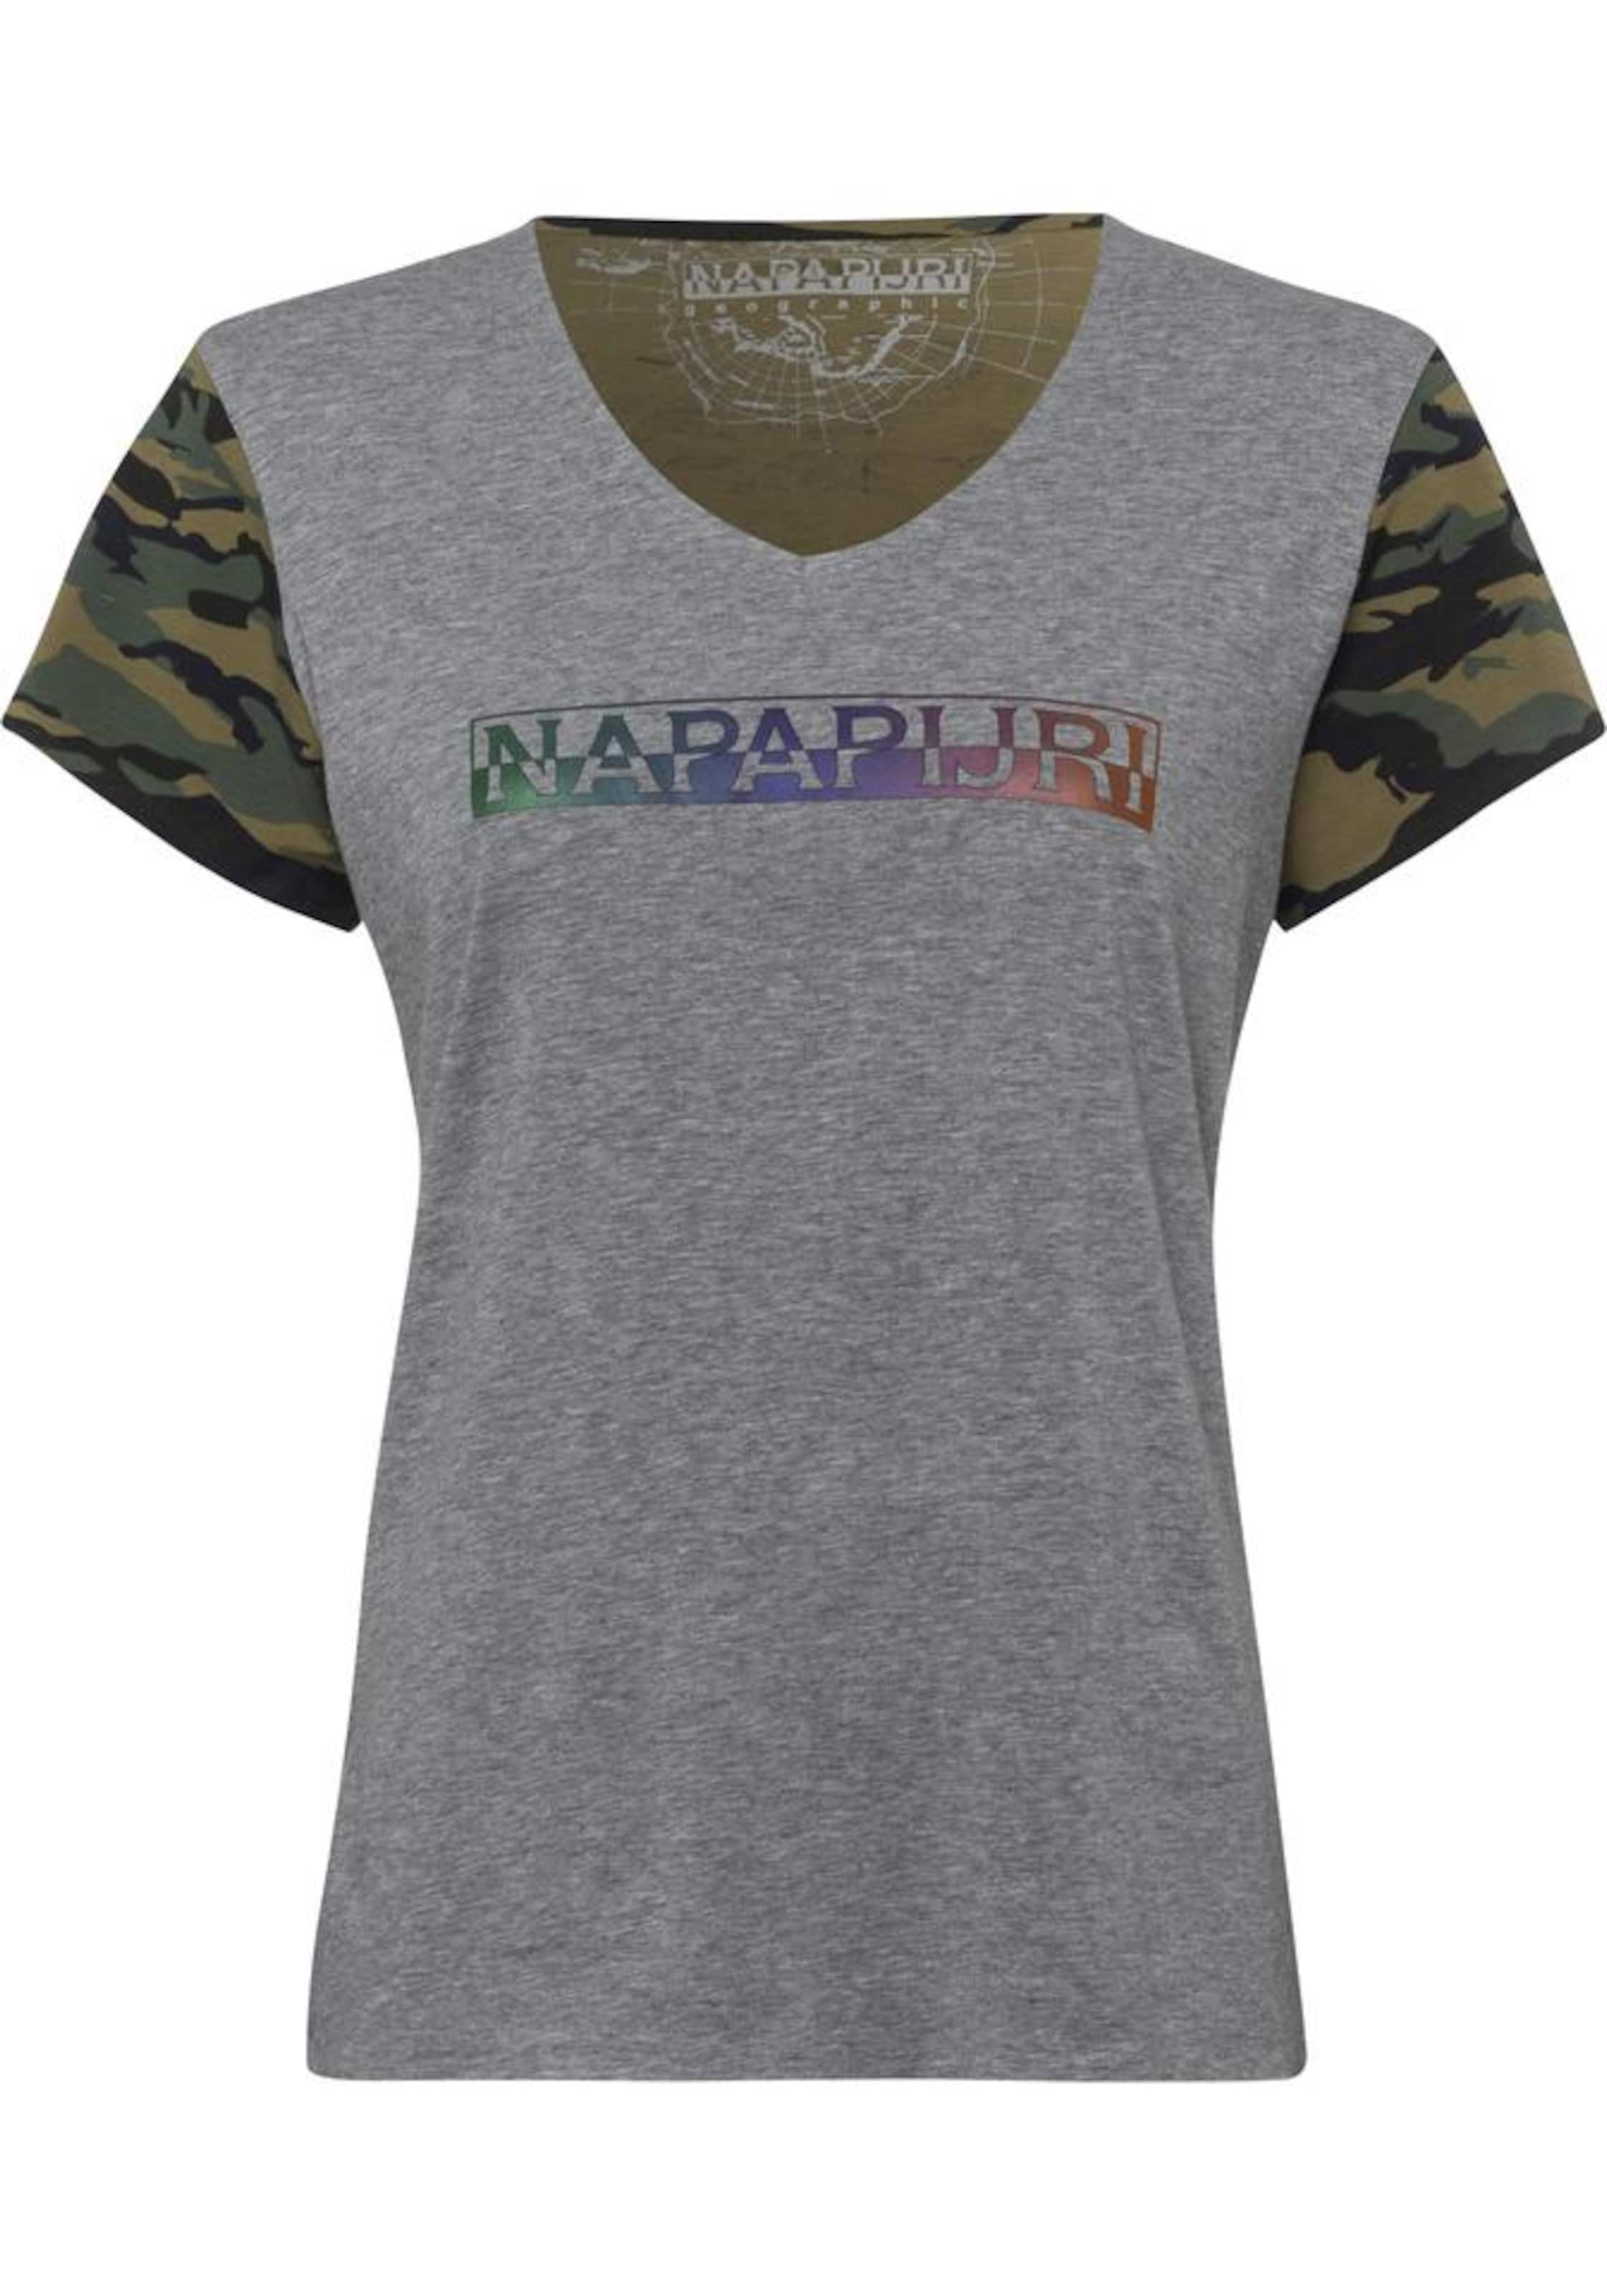 NAPAPIJRI Napapijri V-Shirt »Soury« Besuchen Neue Online Erschwinglich Günstig Online S9SzJVapV